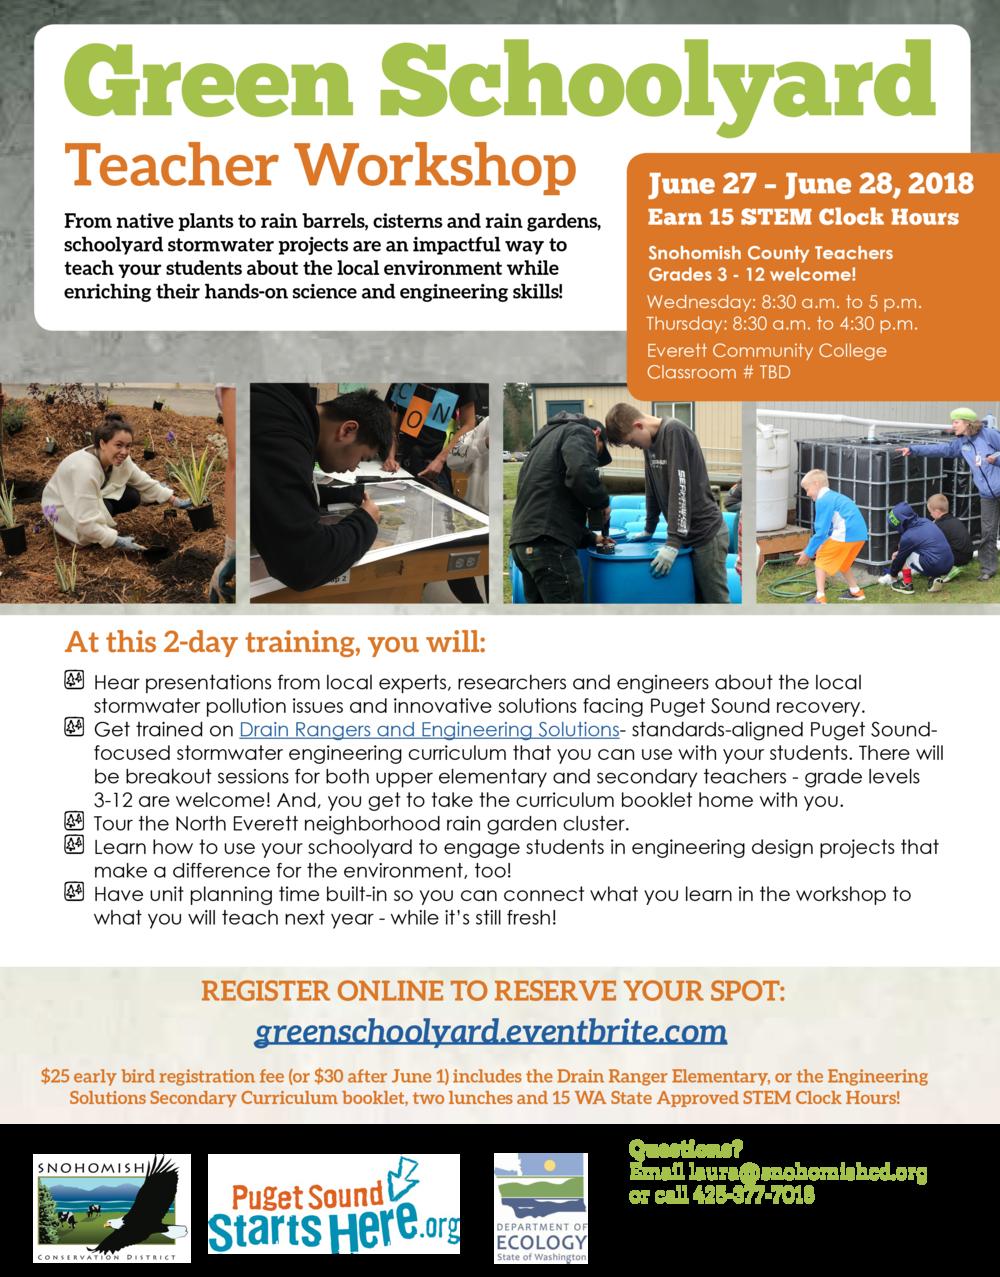 Teacher Workshop Draft Flier_FINAL_WEB (1).png